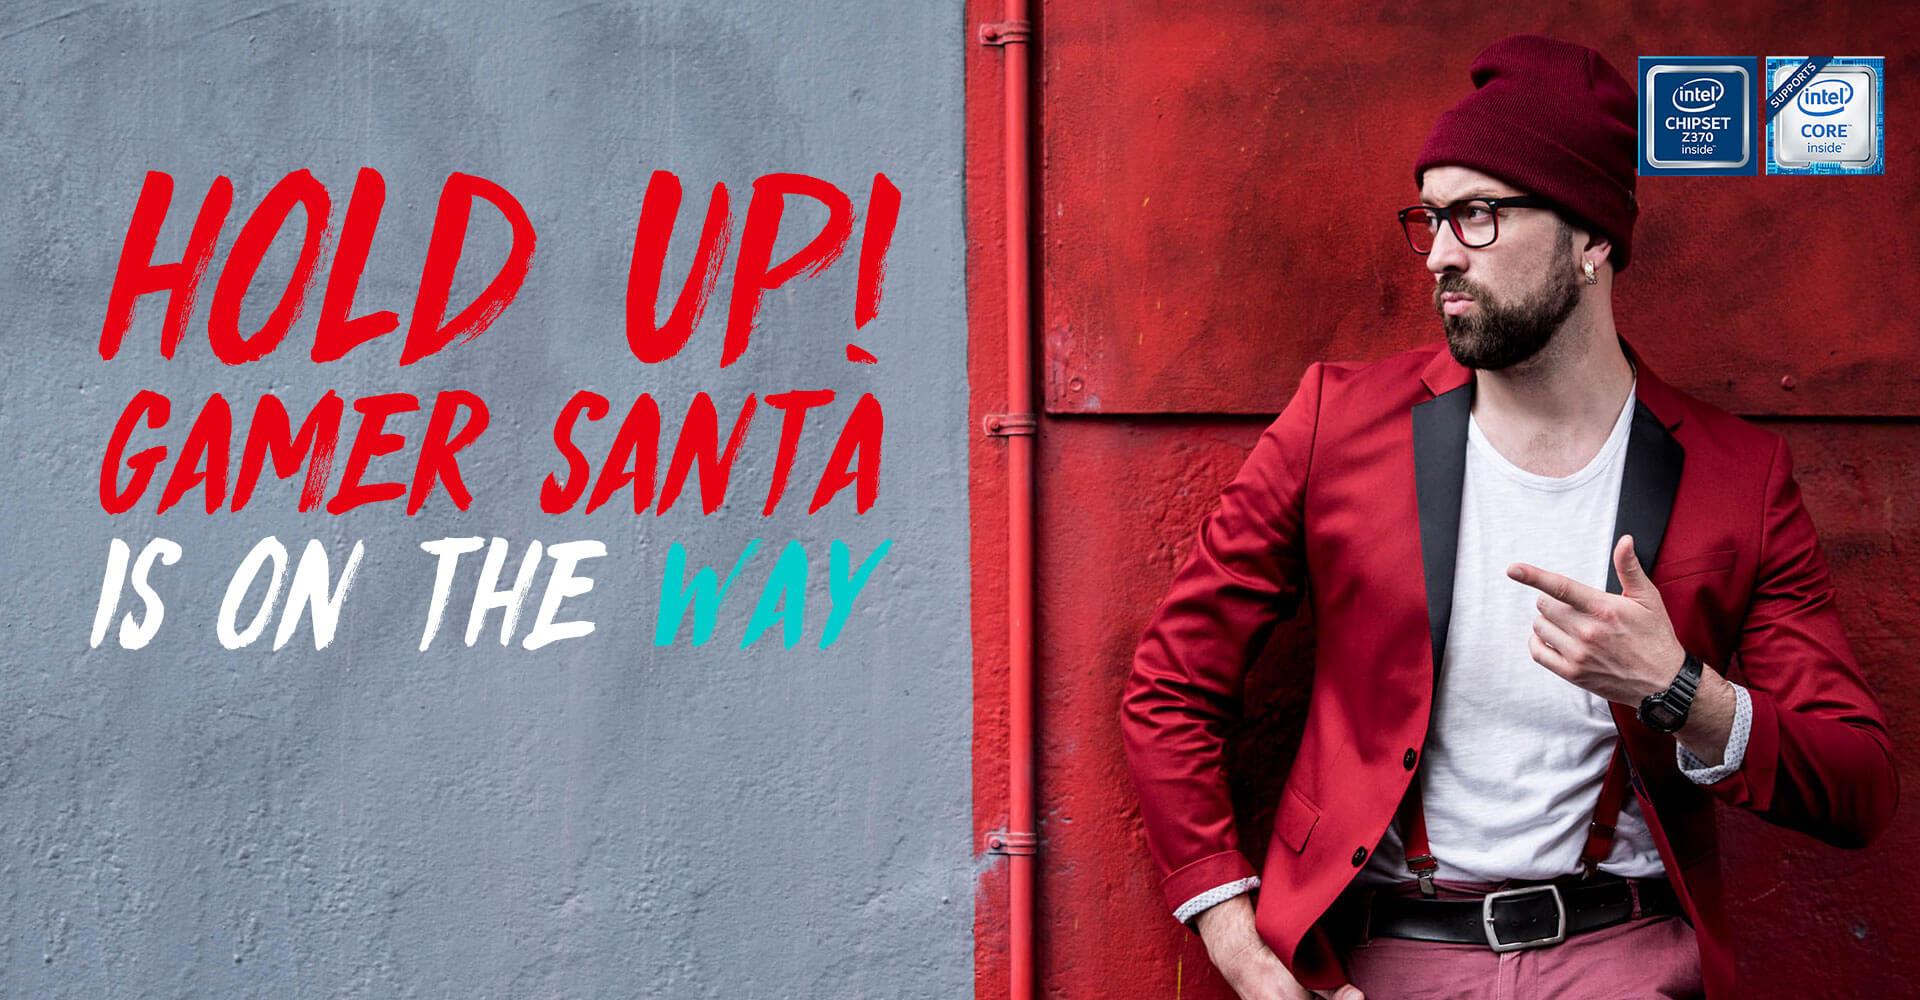 Fröhliche Gamer-Weihnachten! Weihnachtsgeschenke von #DearGamerSanta ...